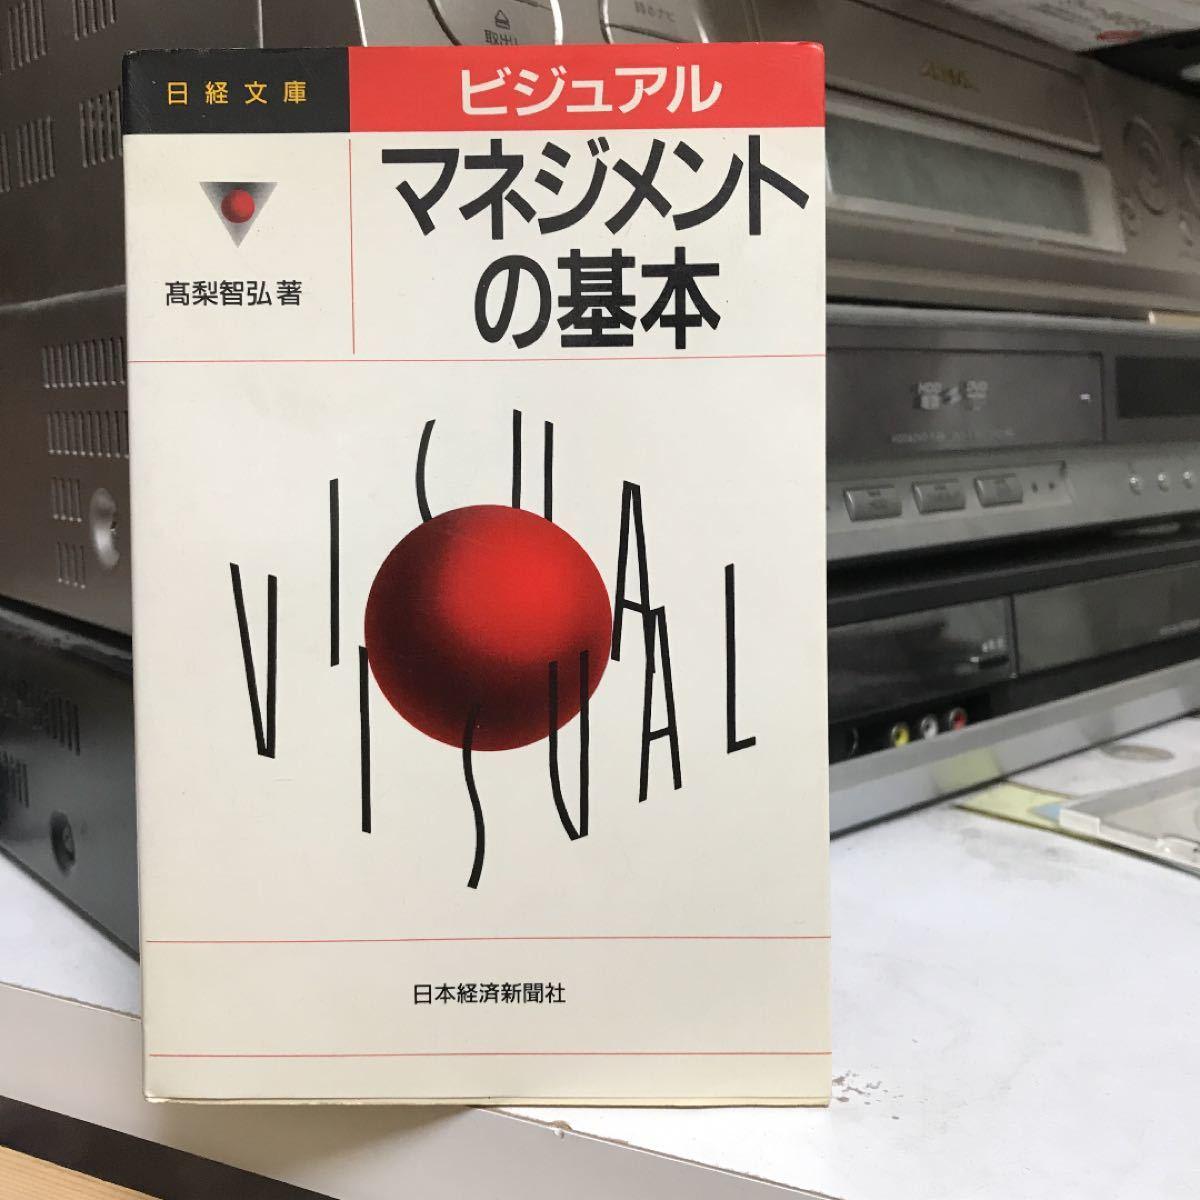 ビジュアルマネジメントの基本/高梨智弘